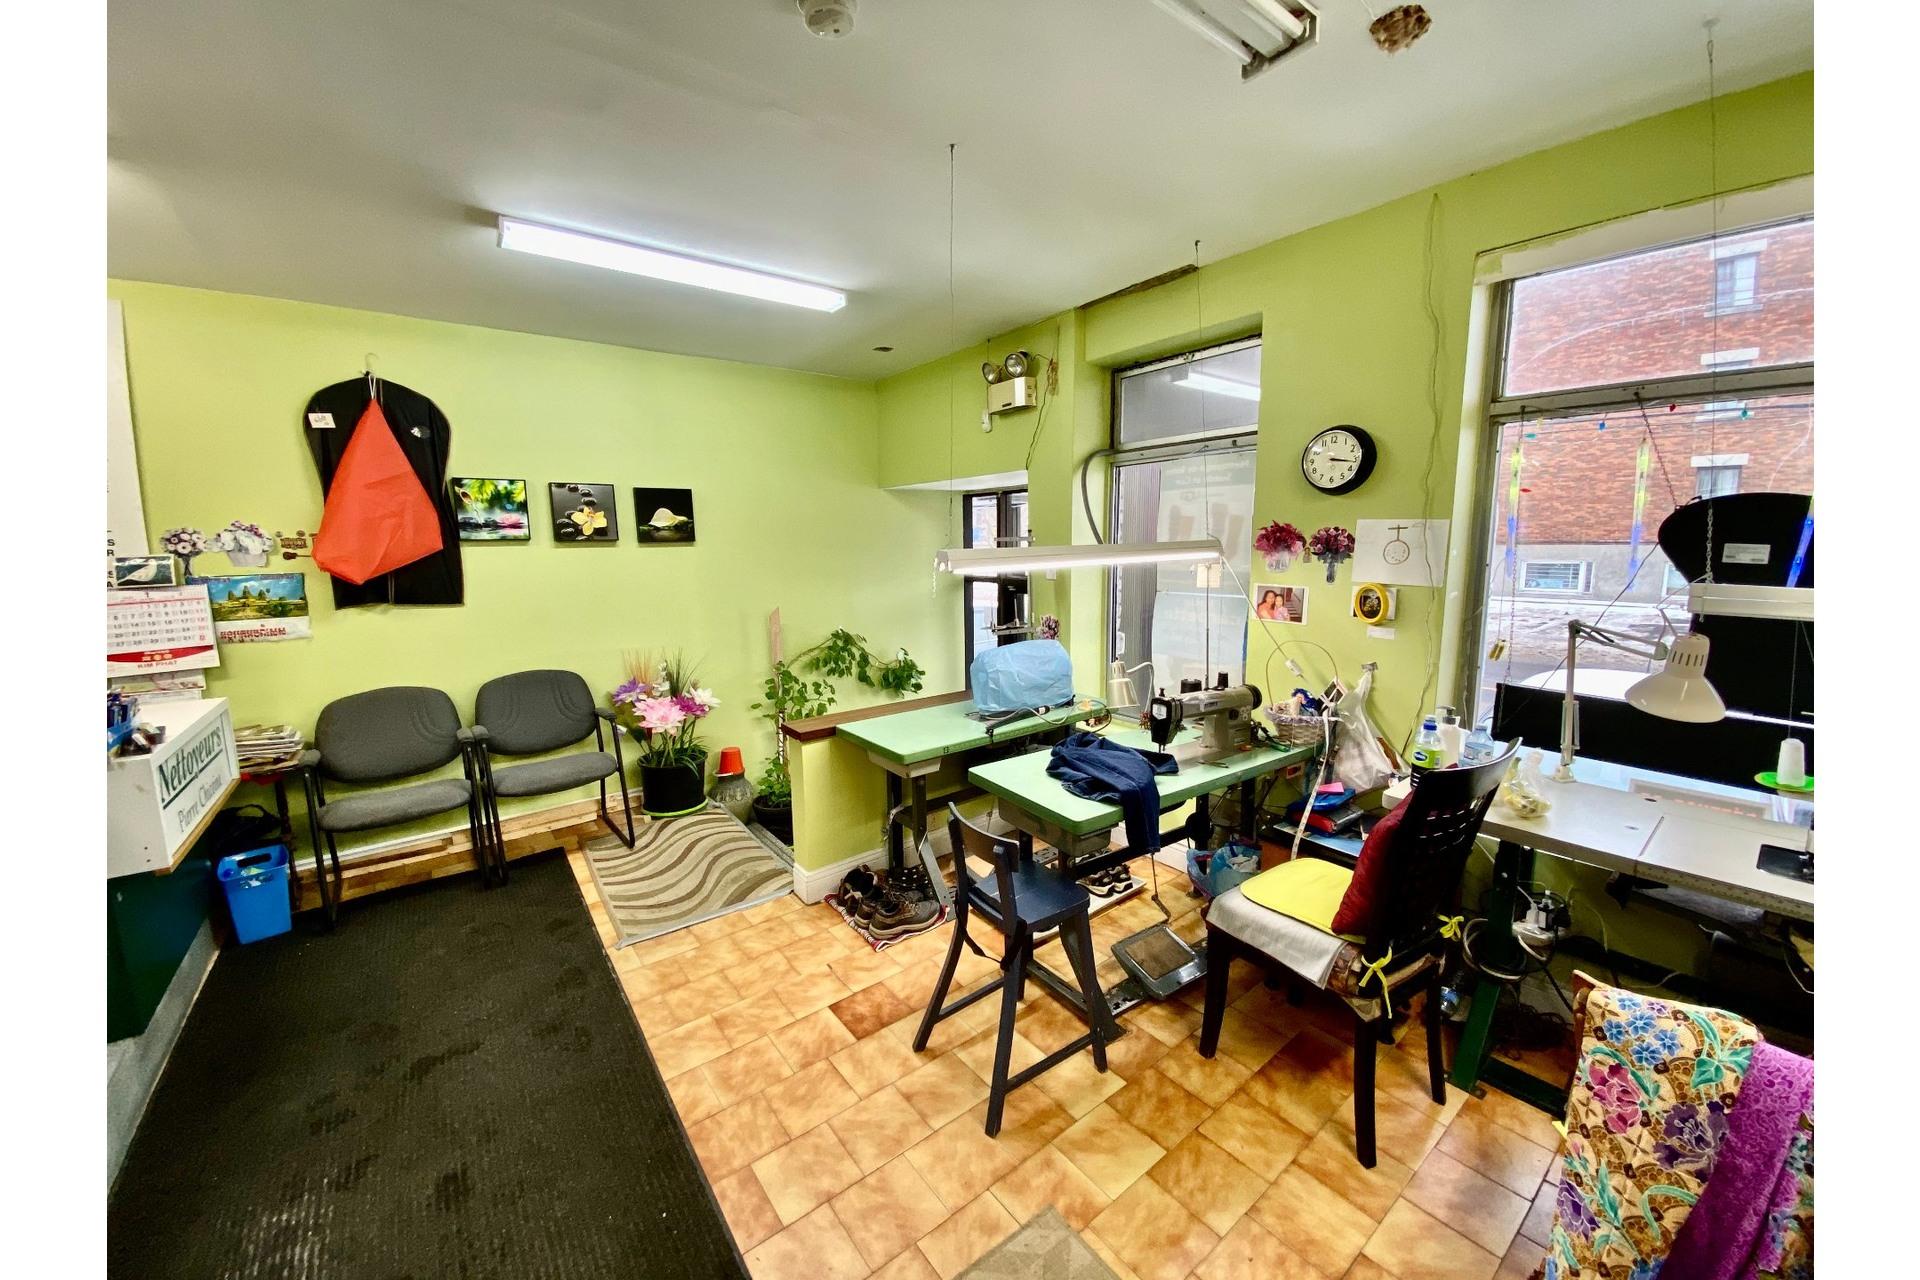 image 3 - Quadruplex En venta Lachine Montréal  - 5 habitaciones